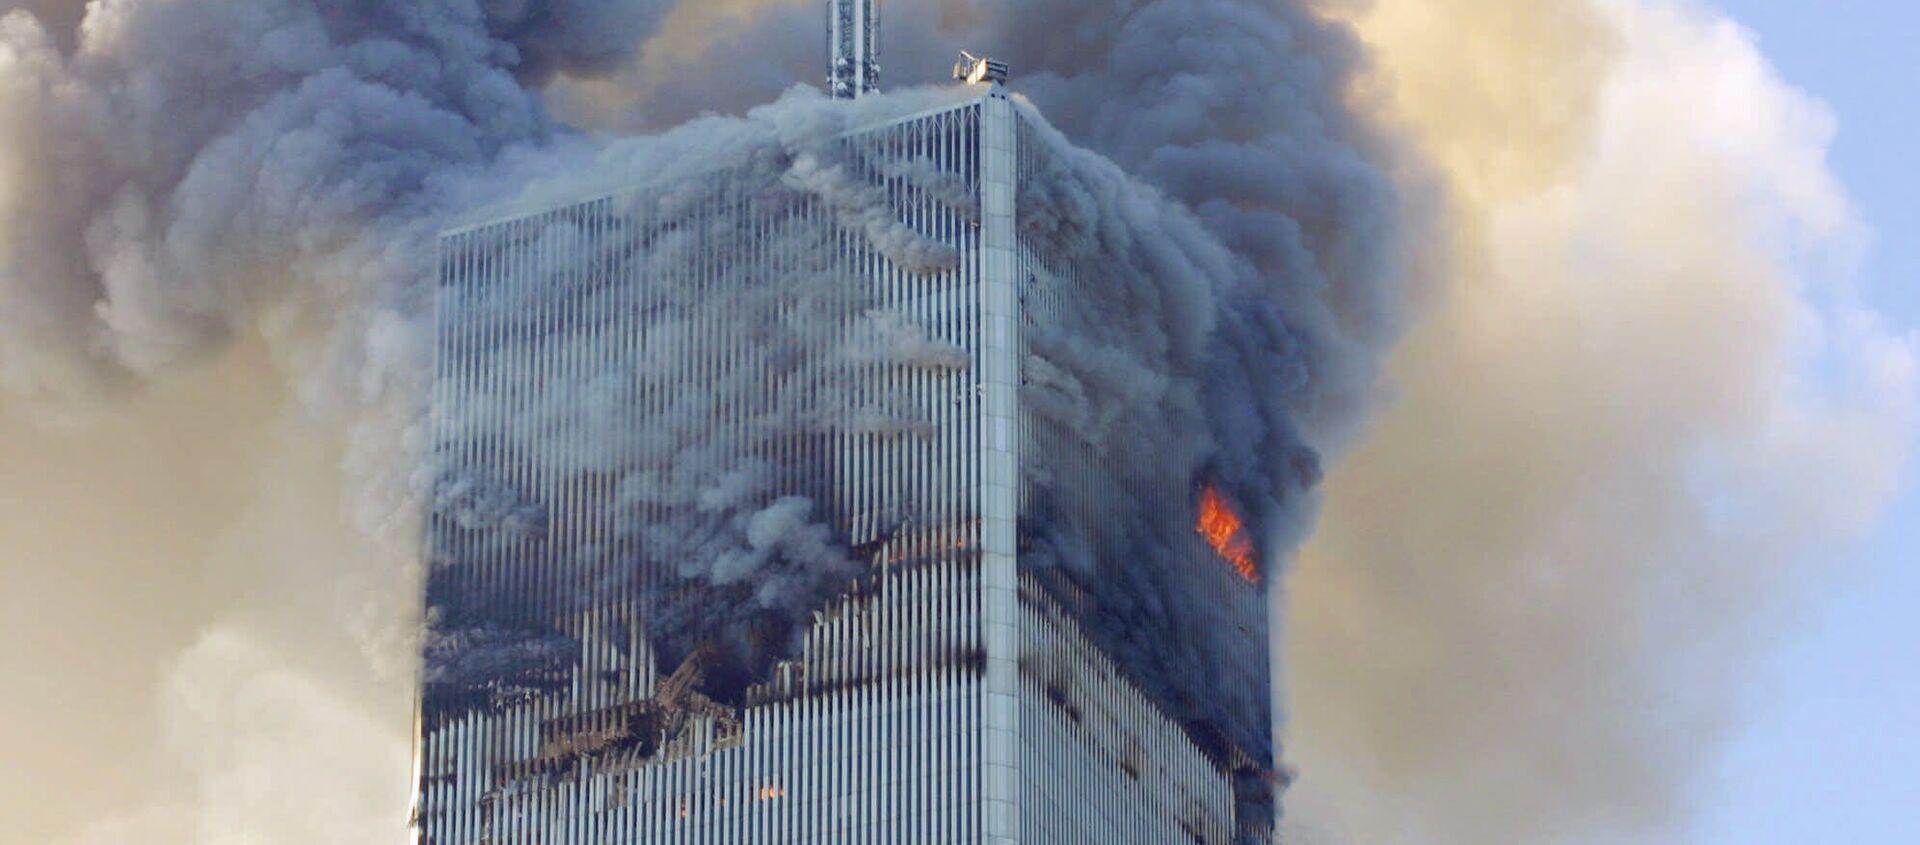 Teroristički napad na Njujork 11. septembra 2001. - Sputnik Srbija, 1920, 24.11.2018